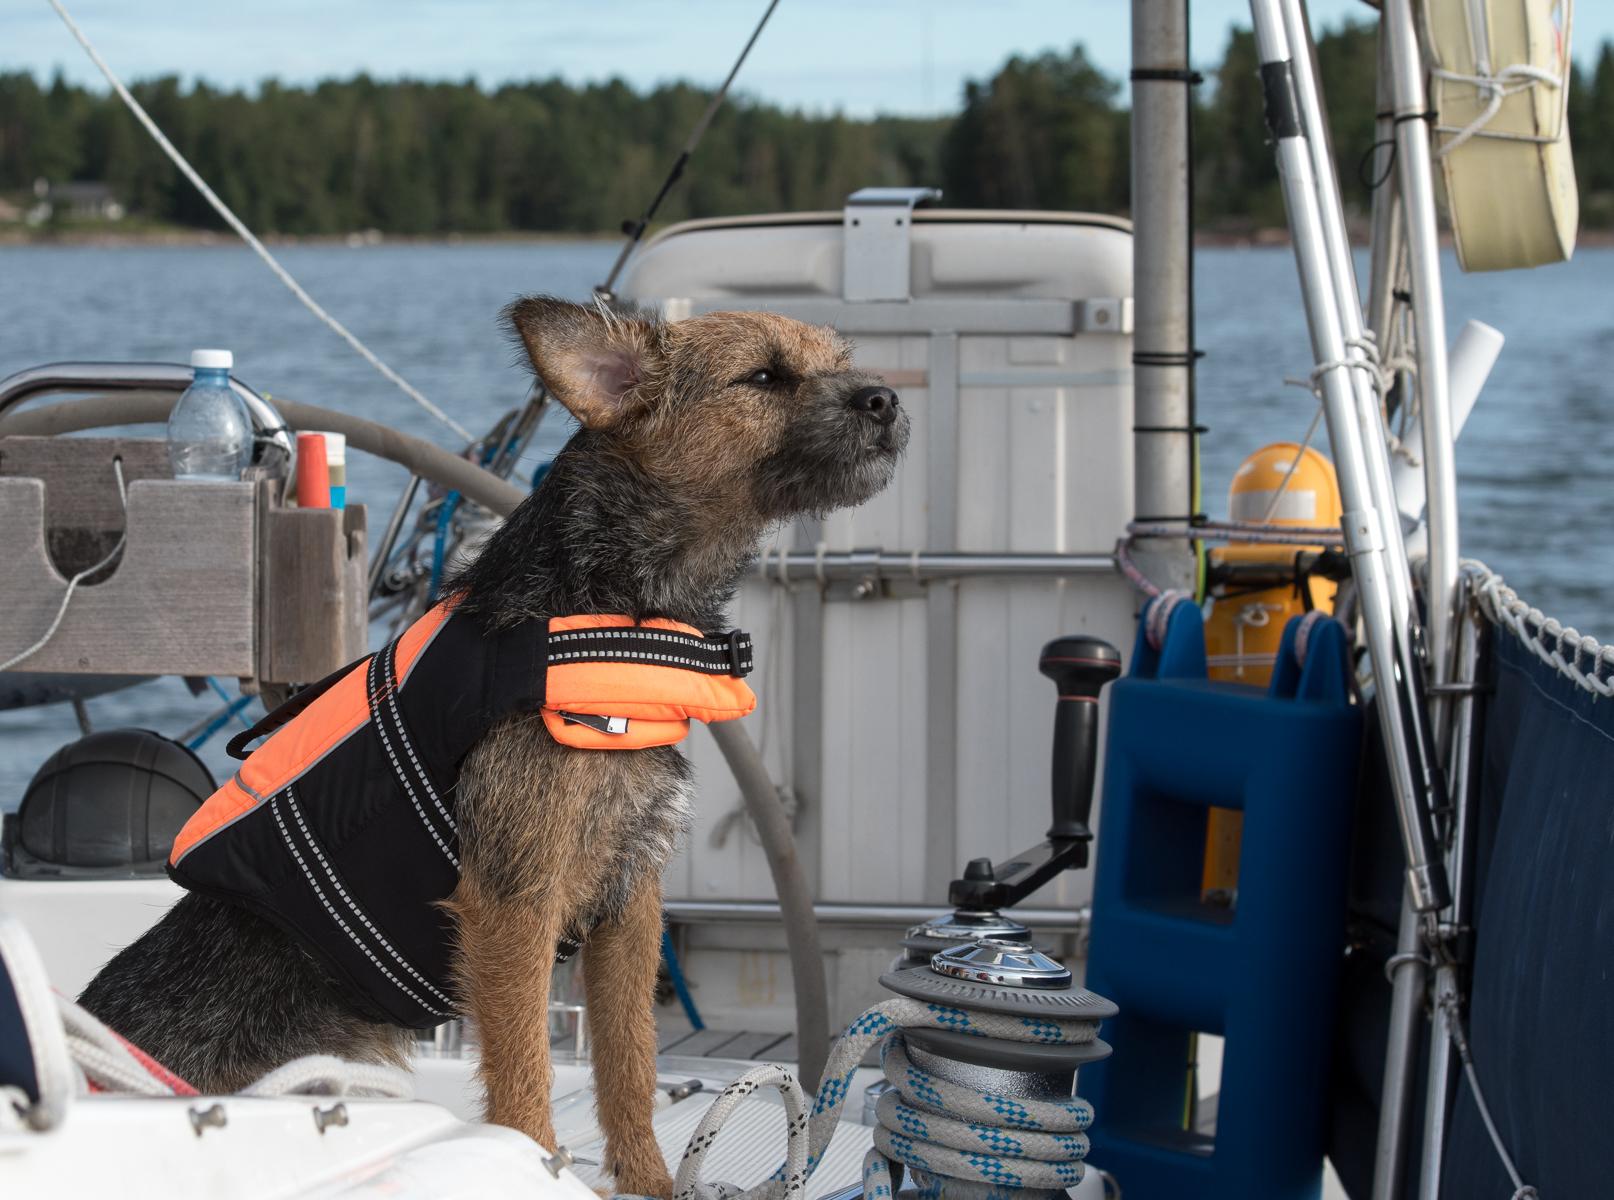 Myös Sompa katseli tarkasti veneestä ulos. Se oli ensimmäistä kertaa purjehtimassa ja siitä on tulossa oikein hyvä laivakoira. Heti jonkun moottoriveneen mennessä ohi se syöksyi salamana katsomaan sitä sitloodan laidalle.